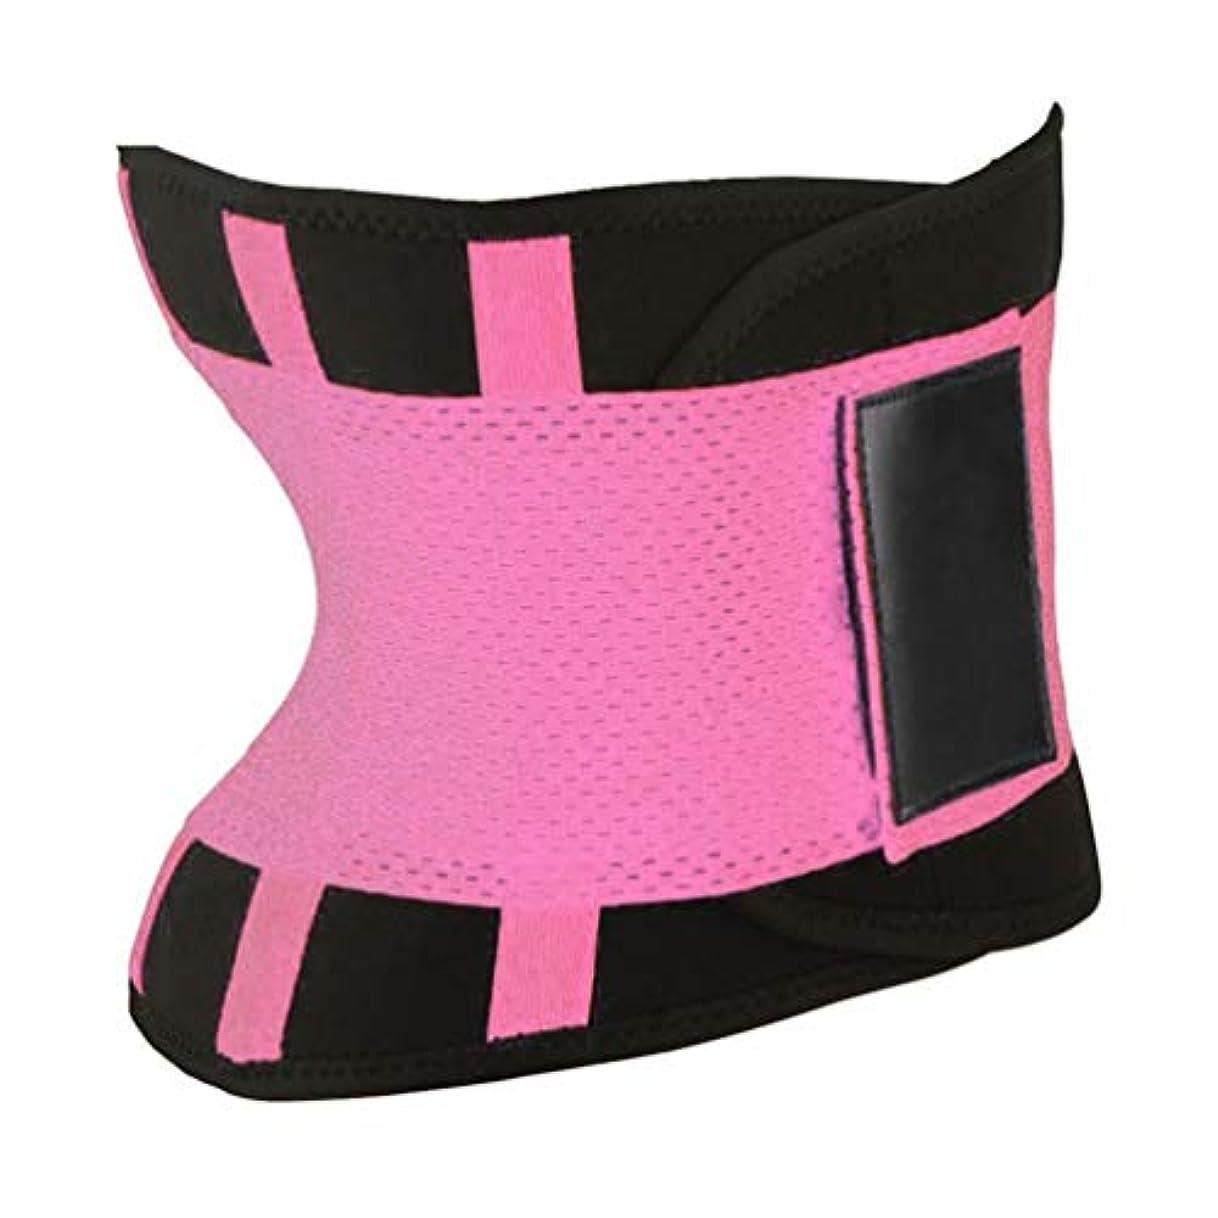 インタフェース位置するニックネーム快適な女性ボディシェイパー痩身シェイパーベルトスポーツ女性ウエストトレーナーニッパー制御バーニングボディおなかベルト - ピンクM